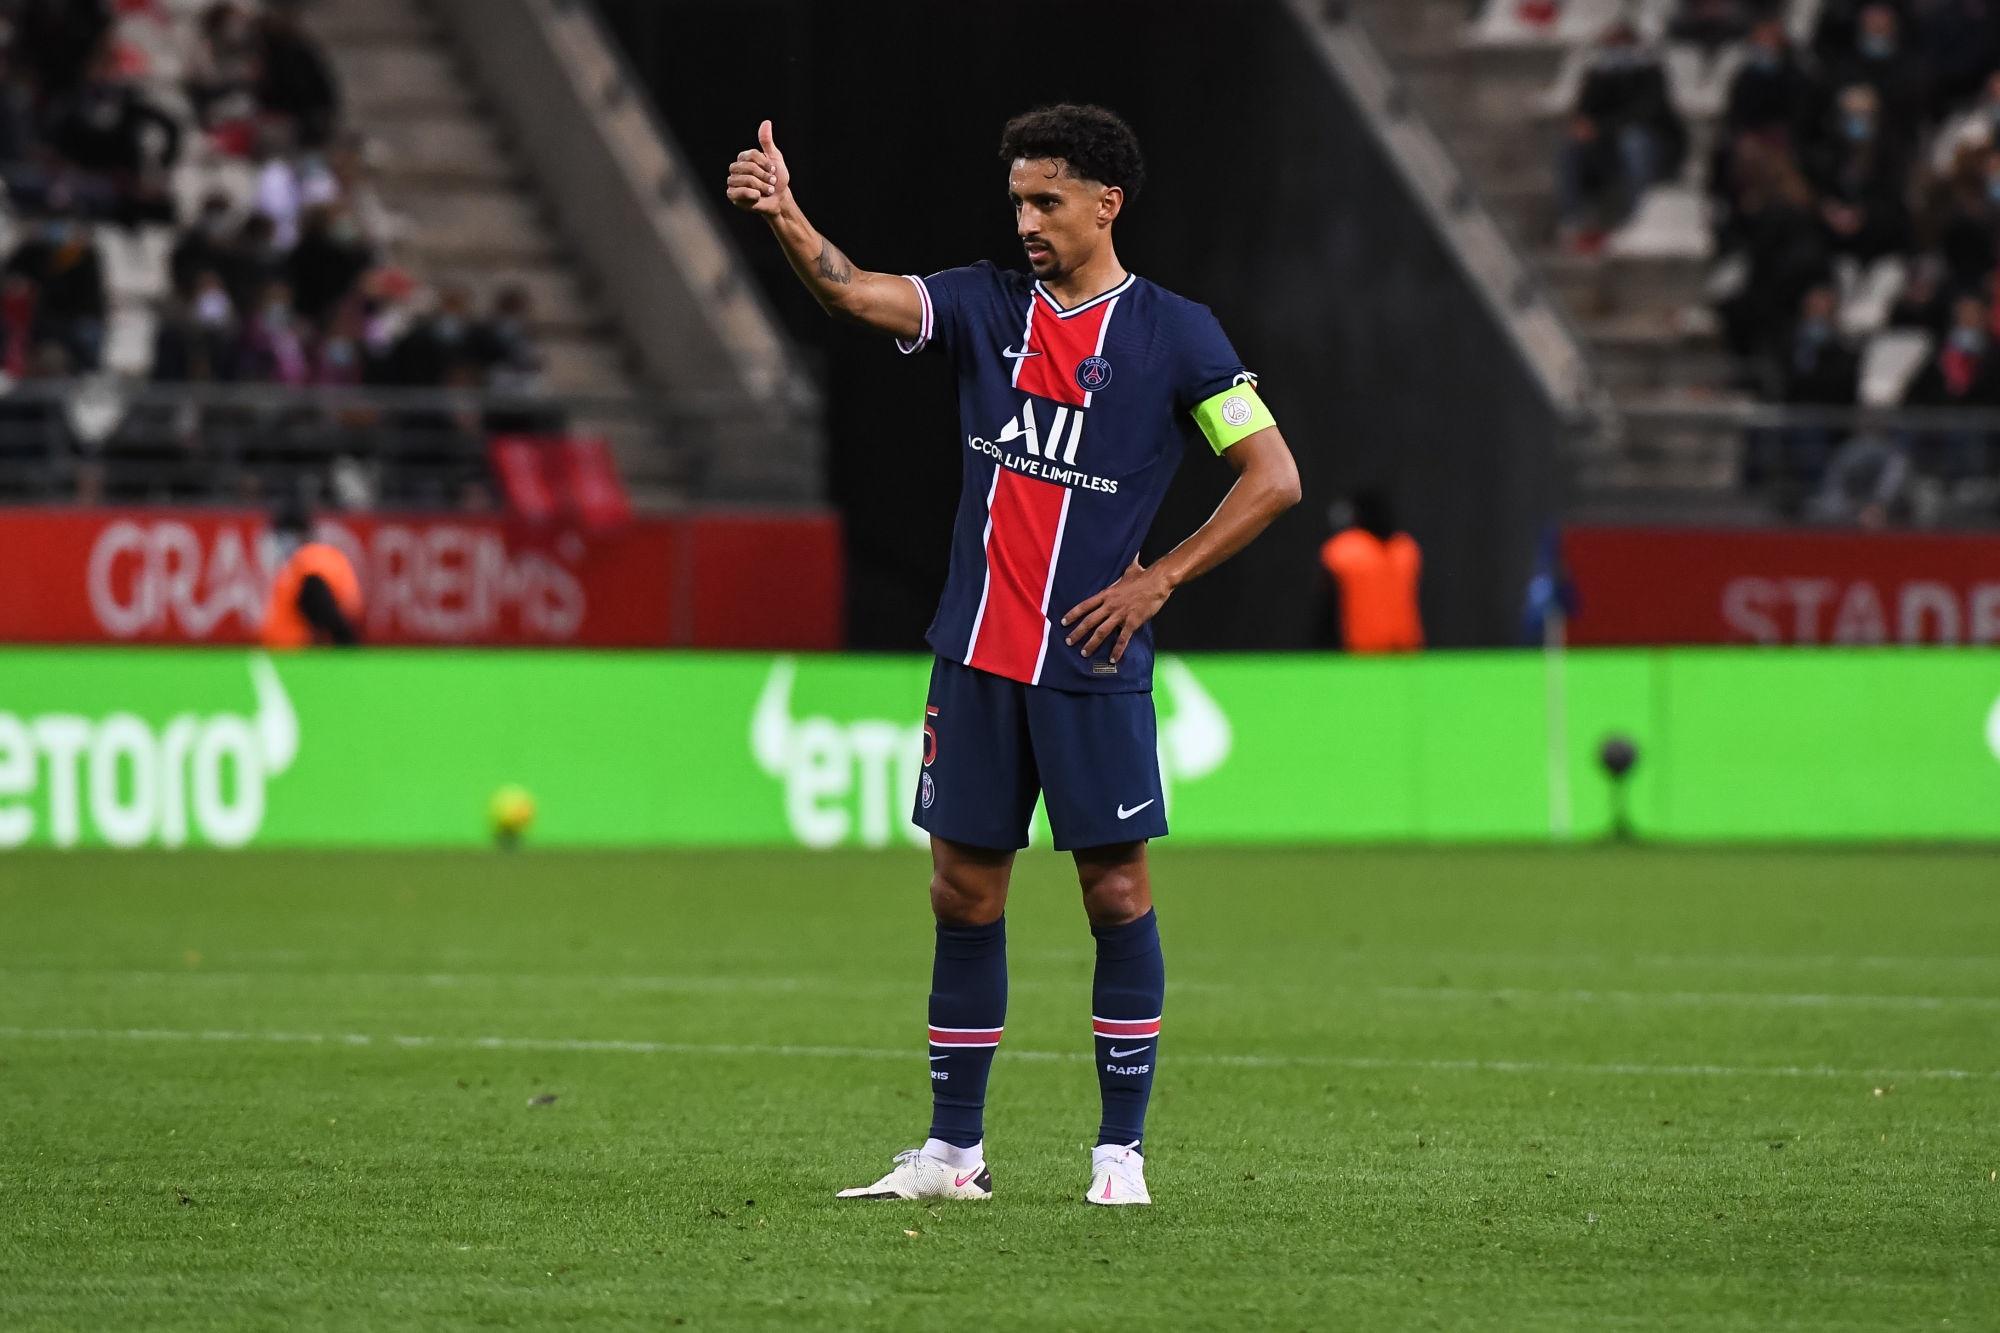 """Reims/PSG - Marquinhos est heureux de la victoire même si Paris """"peut faire mieux"""""""